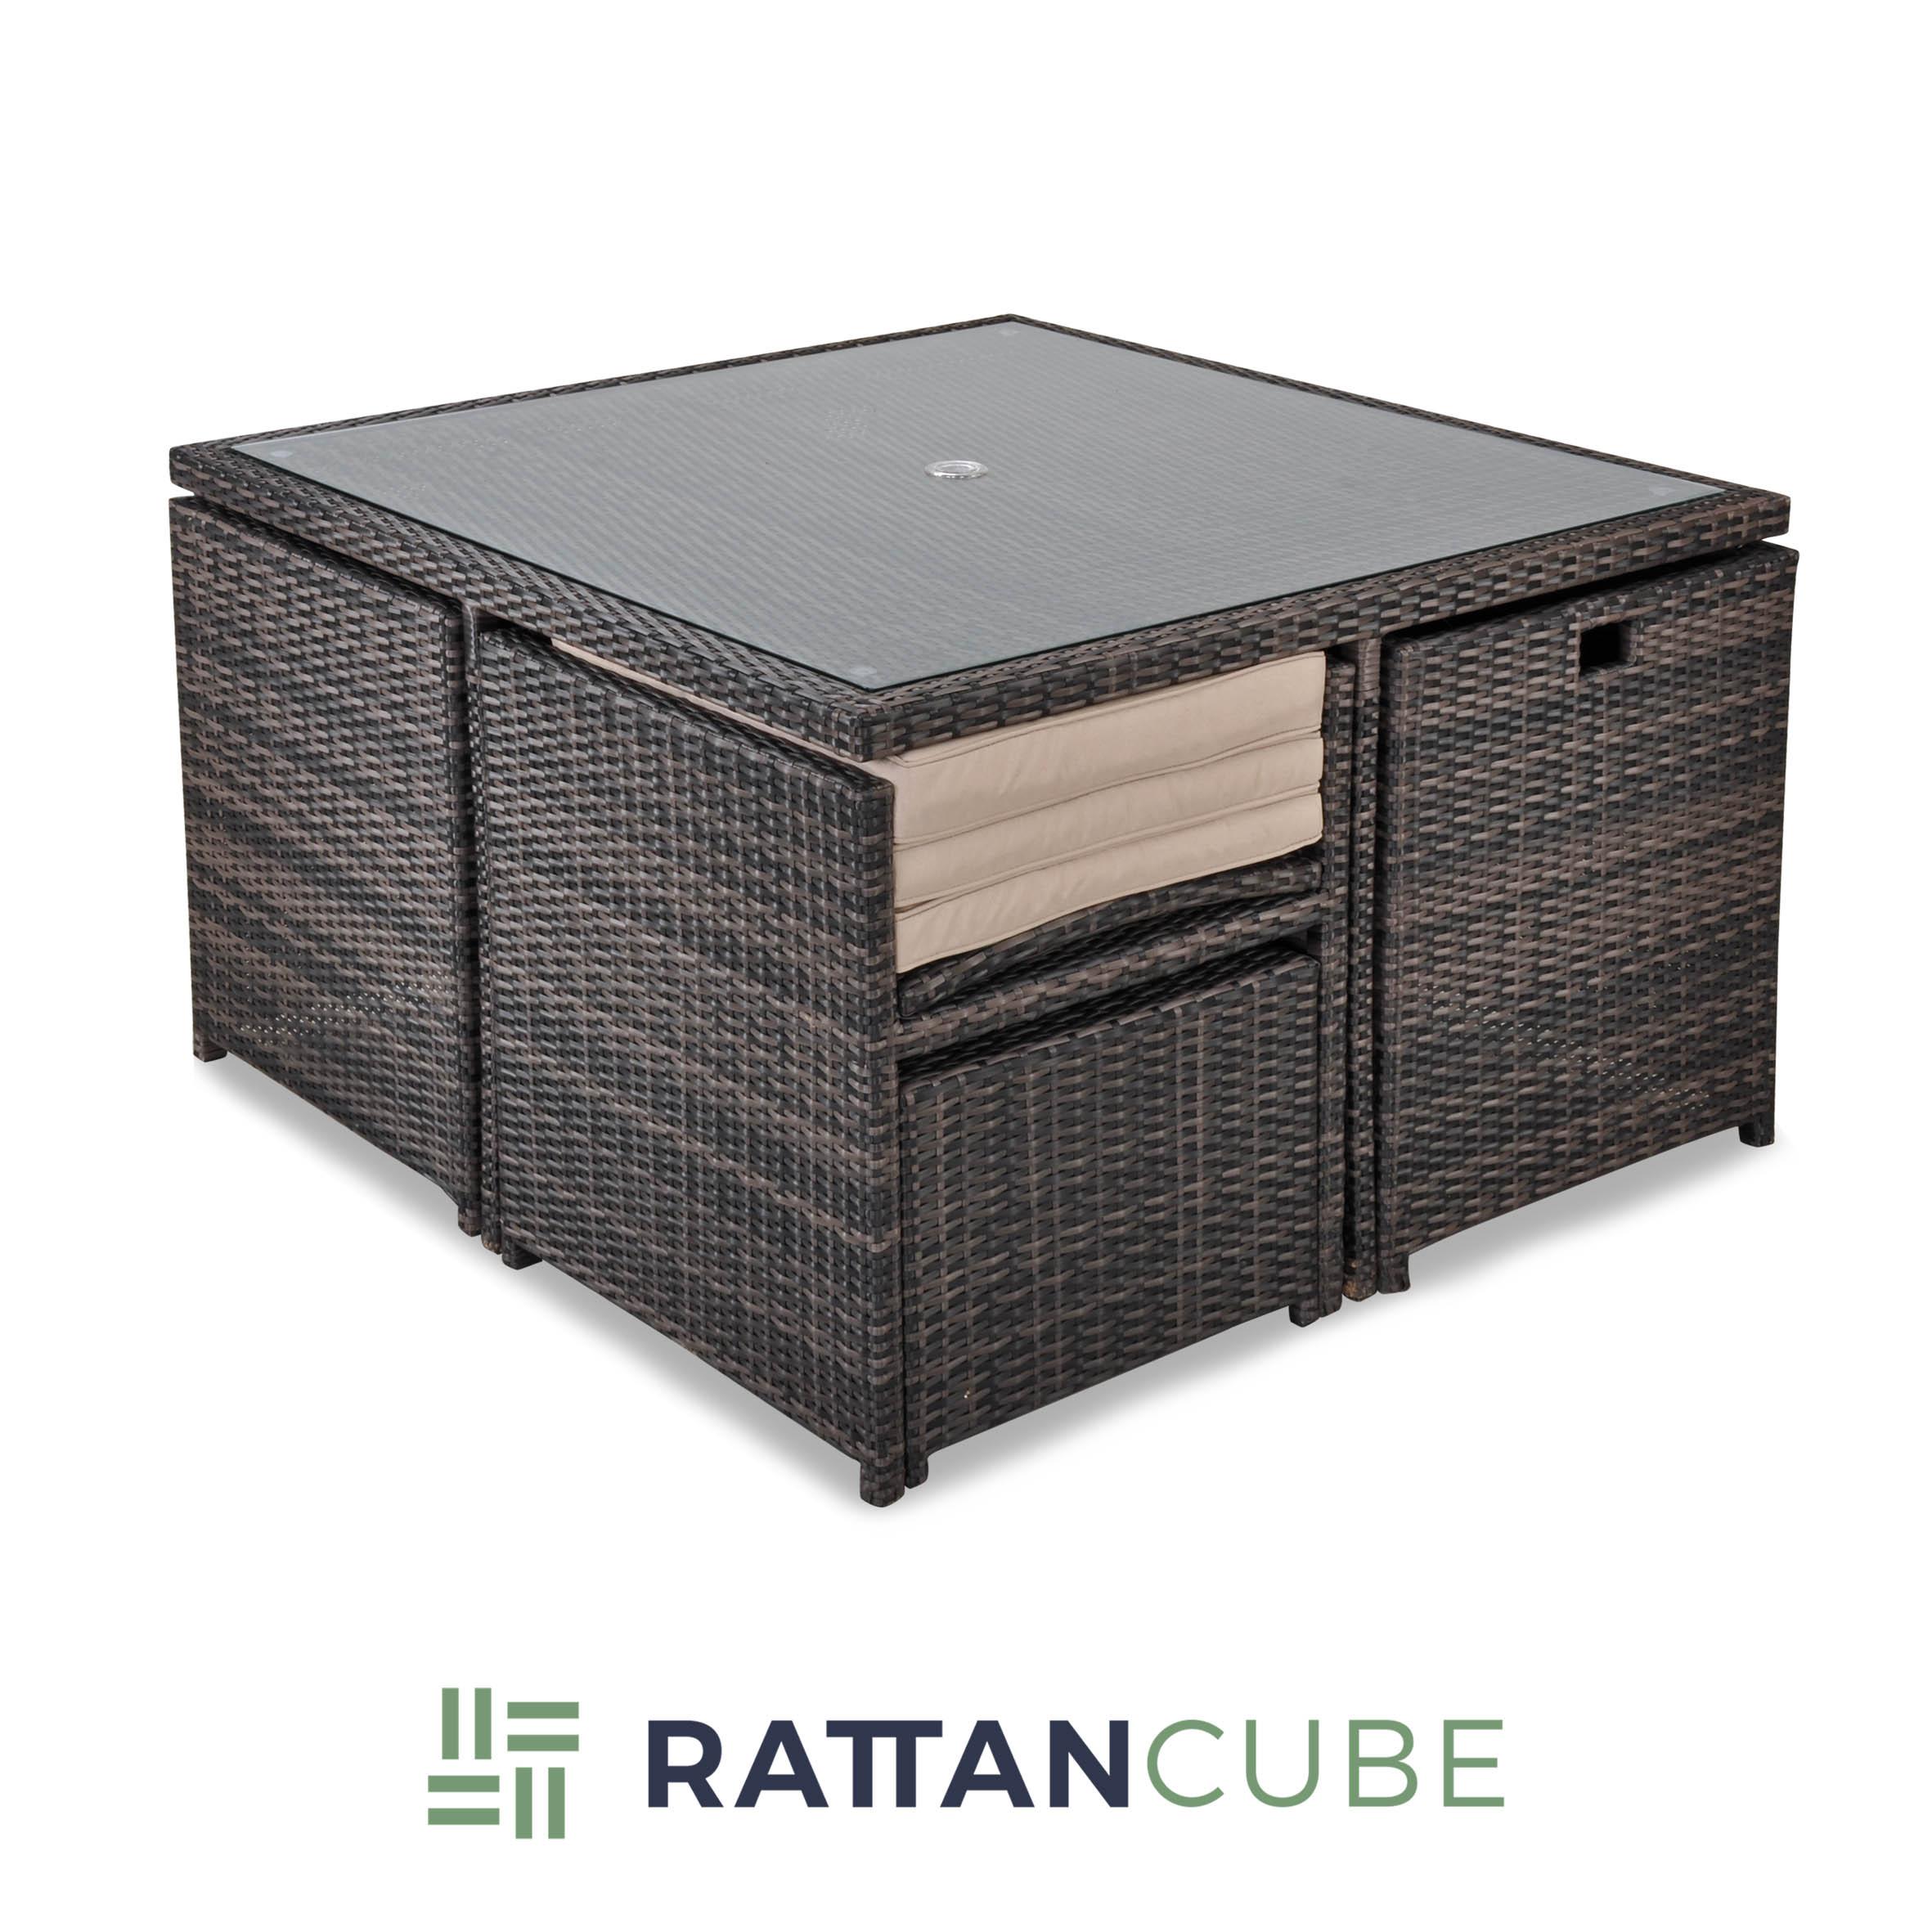 Valencia Cube - Rattan Cube